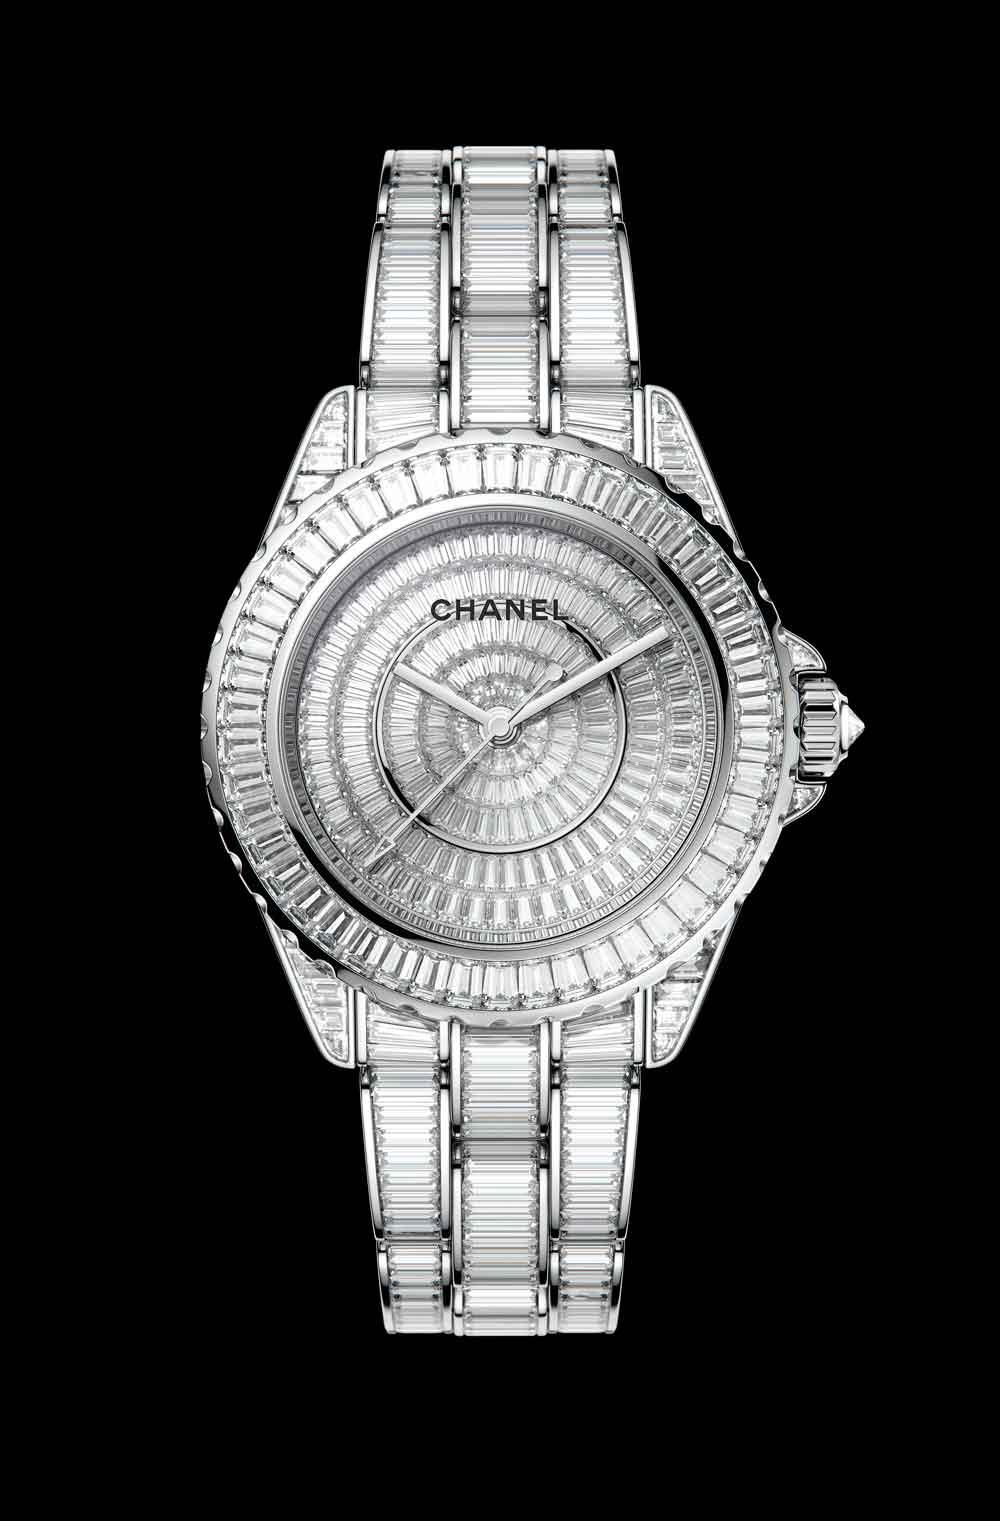 Nuevo reloj J12 Chanel engastado completamente con diamantes baguette